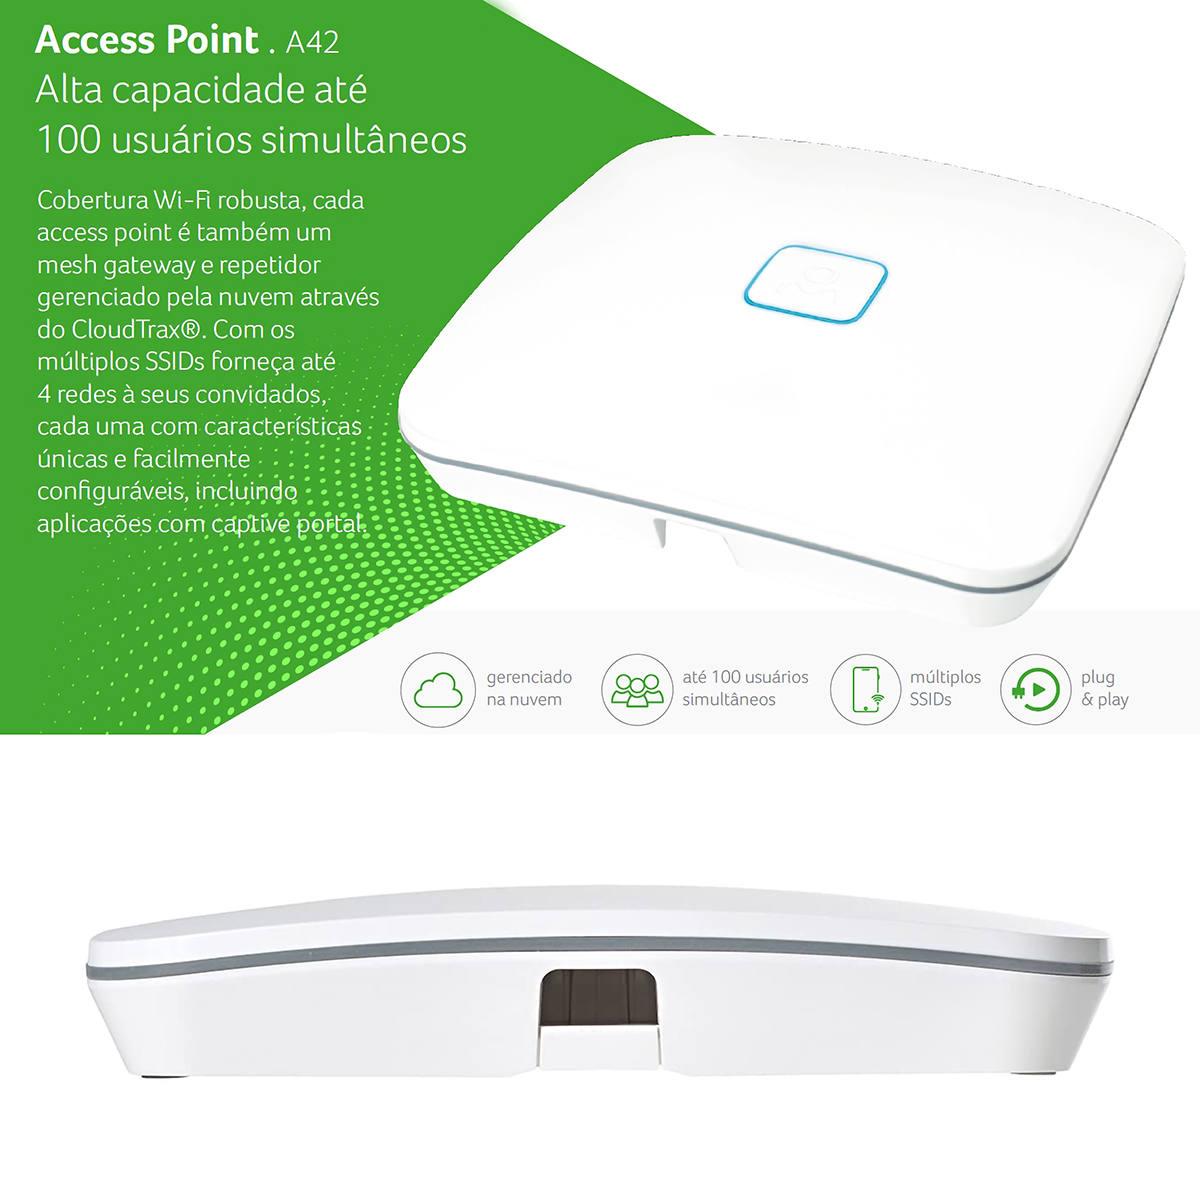 Access Point A42 Alta Capacidade até 100 Usuários Simultâneos e Múltiplos SSIDs AP Open Mesh